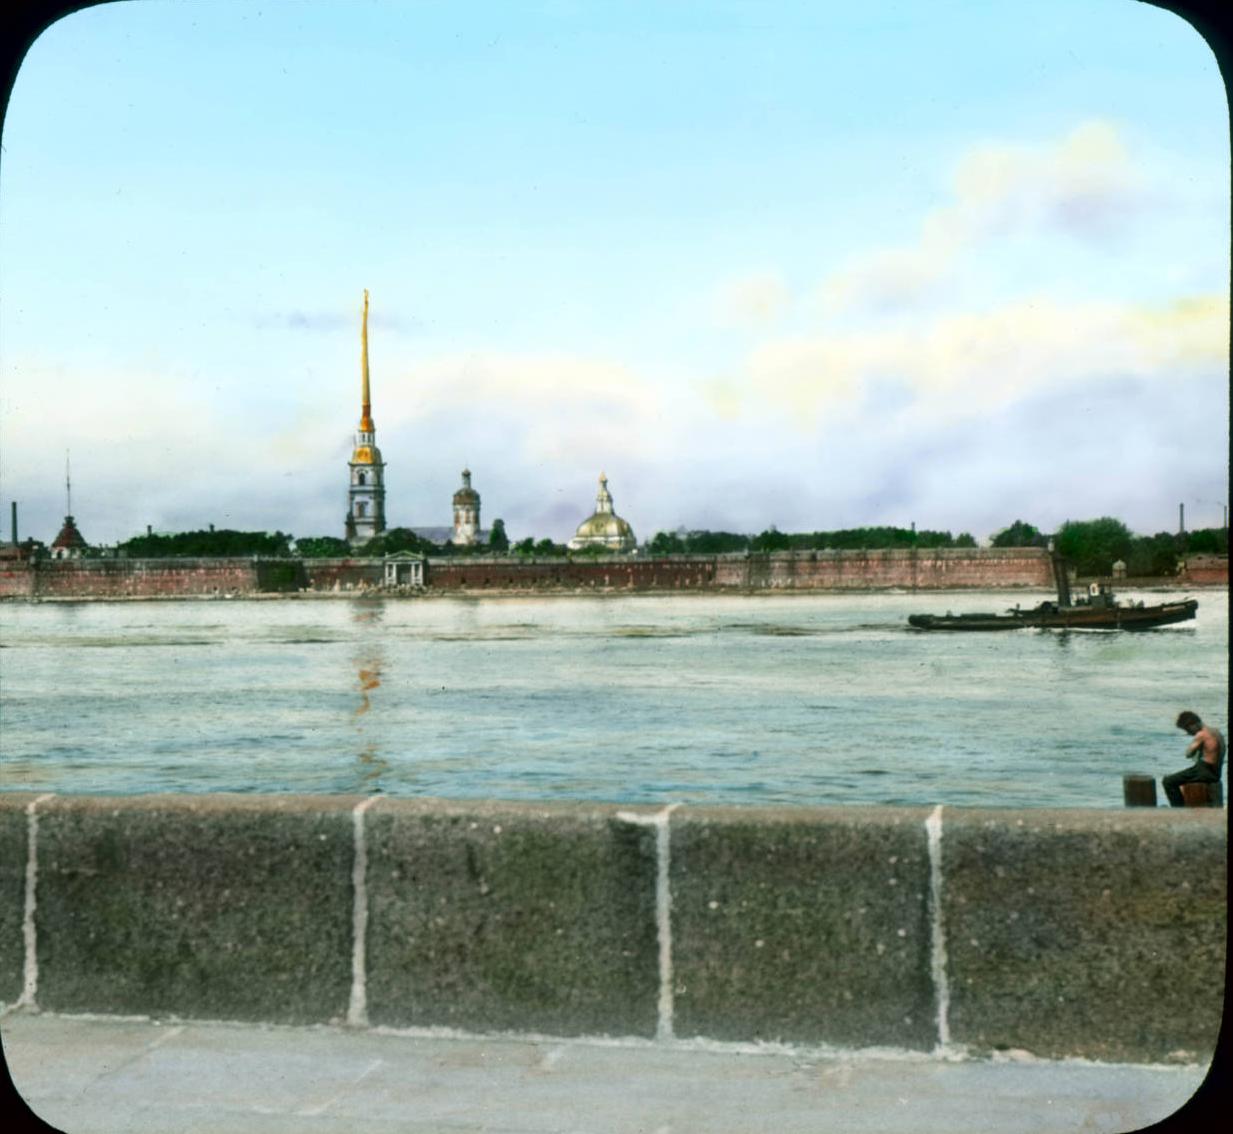 Санкт-Петербург. Панорамный вид на Петропавловскую крепость через Неву